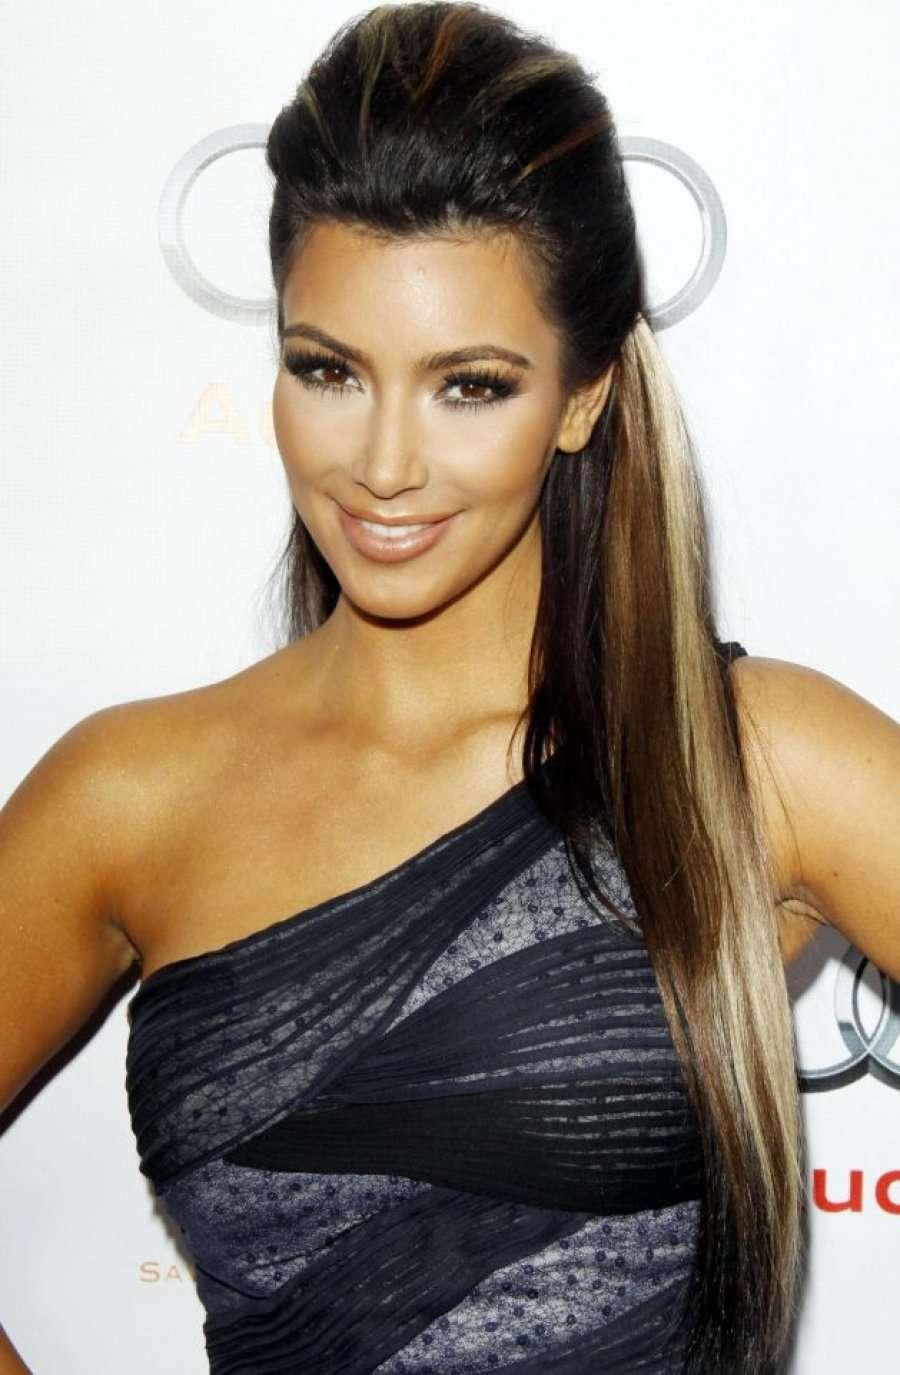 auto_Kim_Kardashian_te_pasmet161507490431